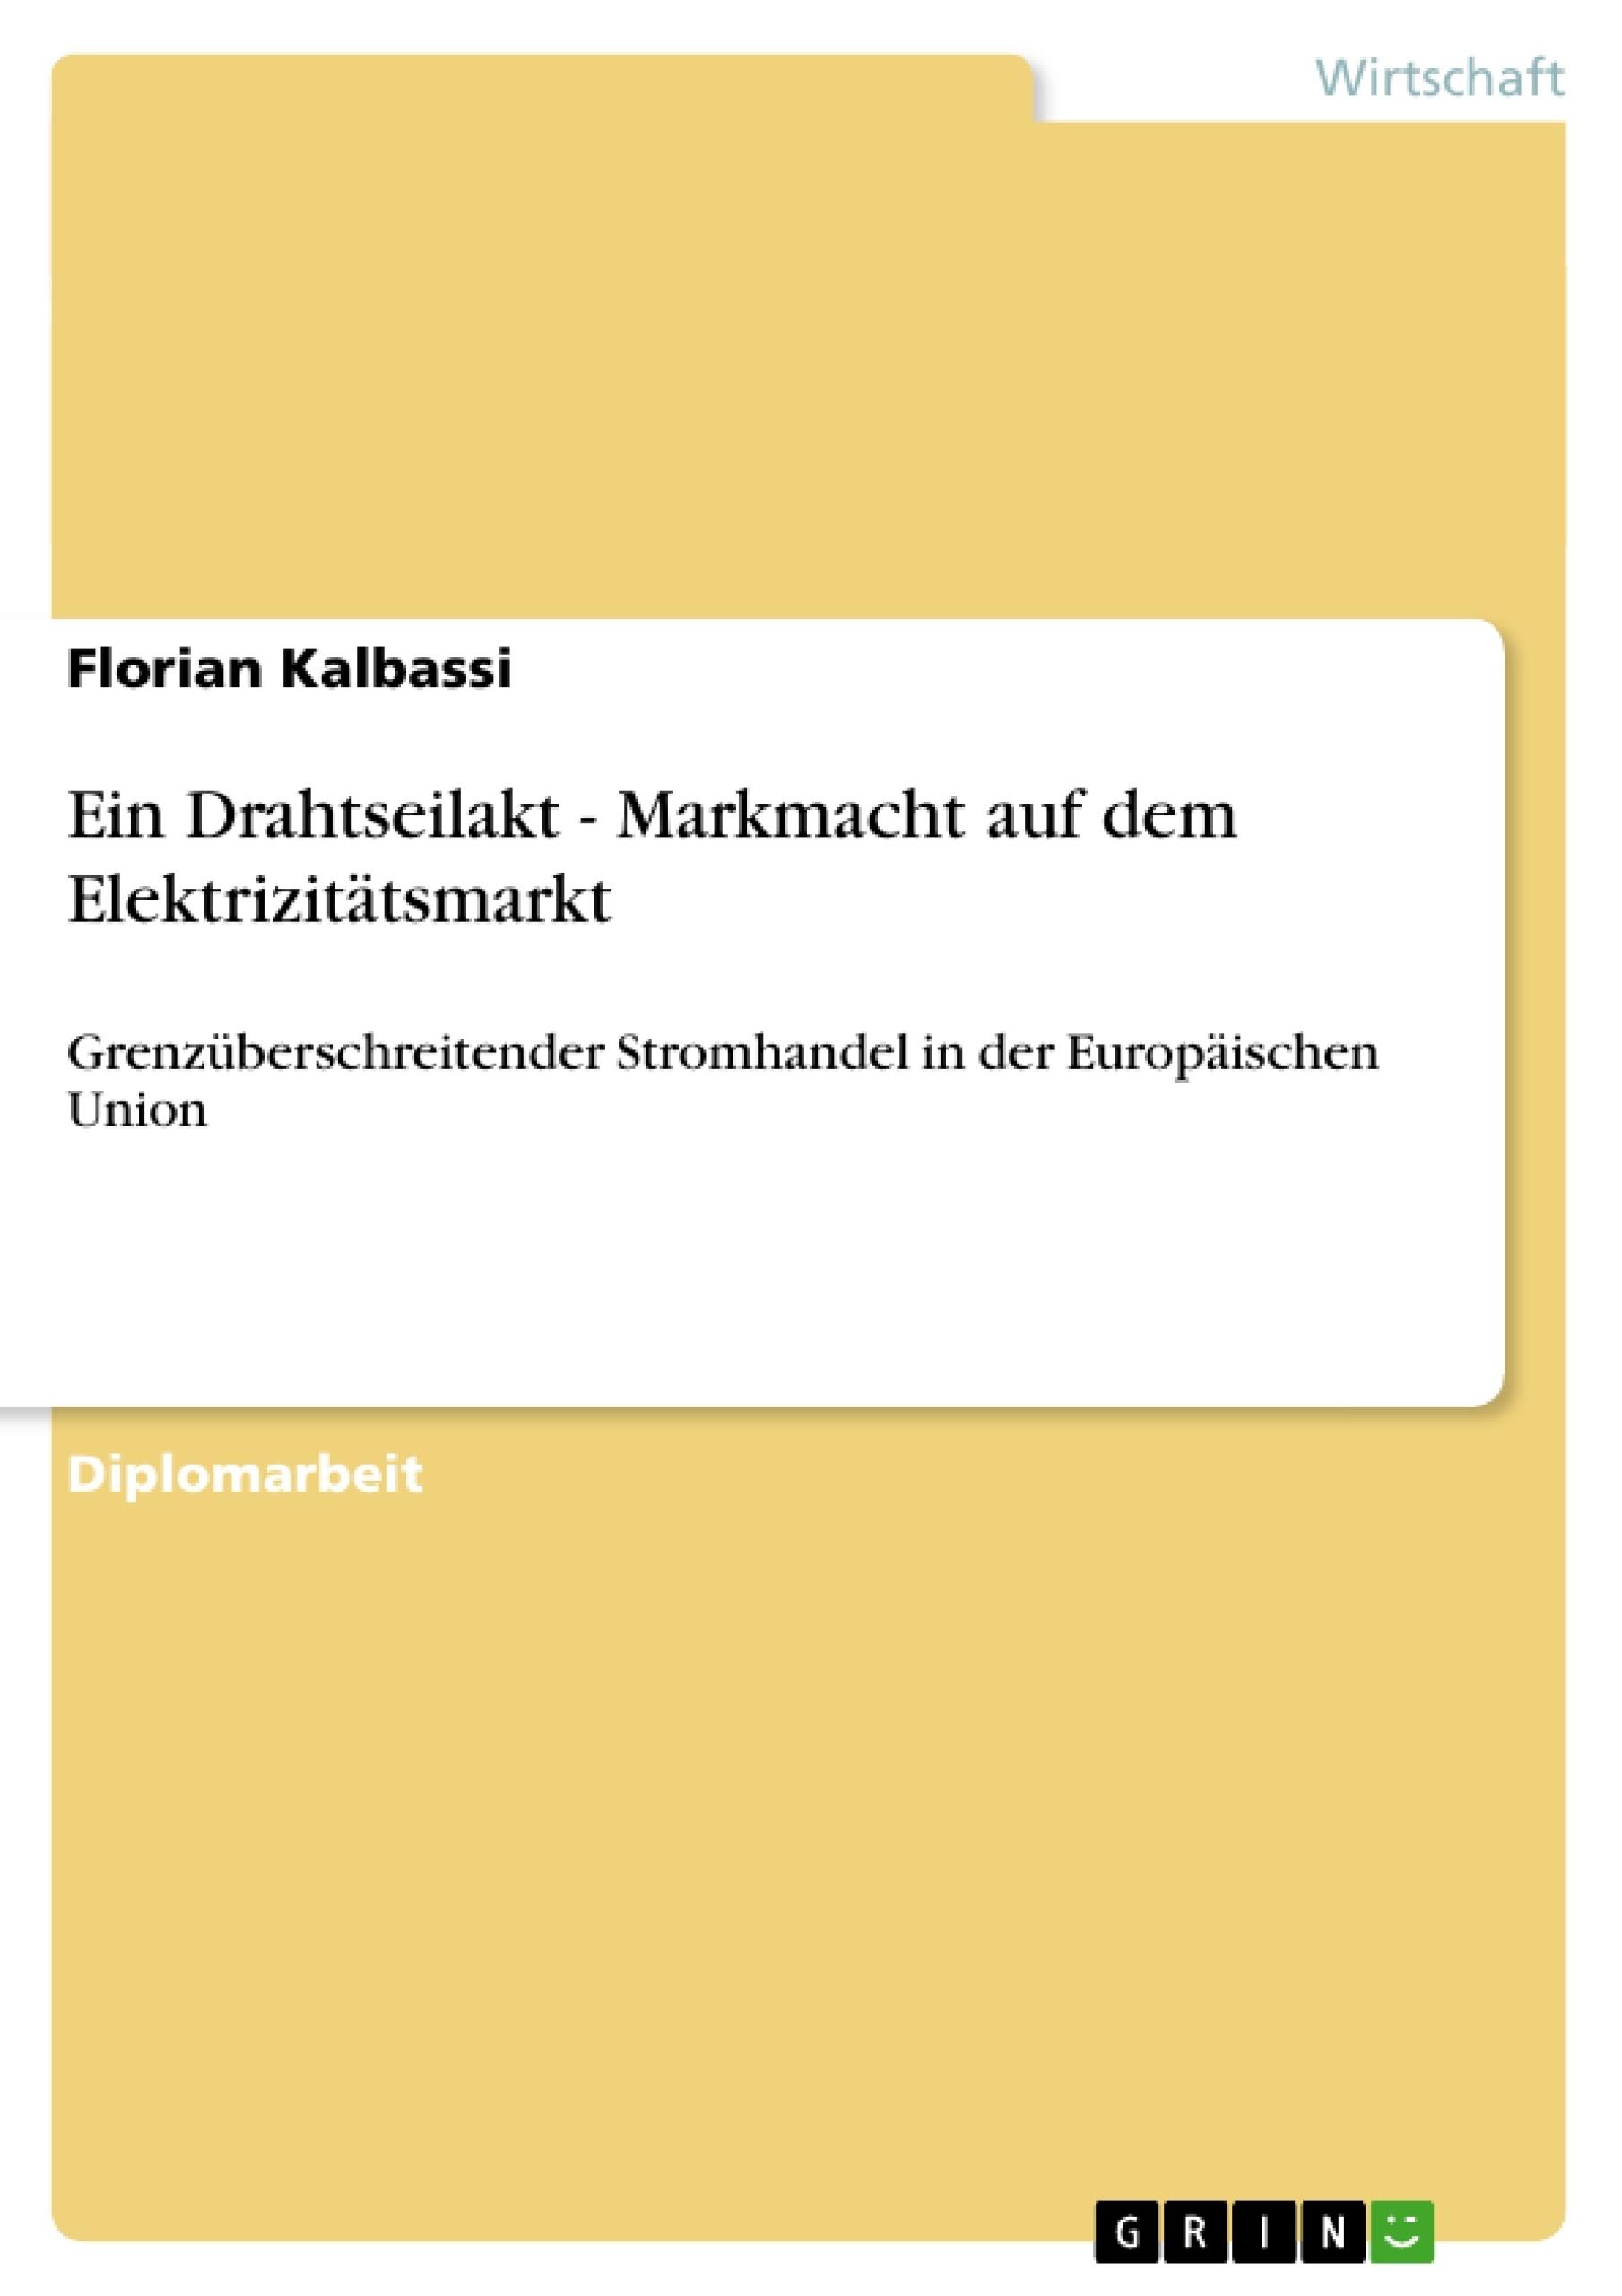 Titel: Ein Drahtseilakt - Markmacht auf dem Elektrizitätsmarkt